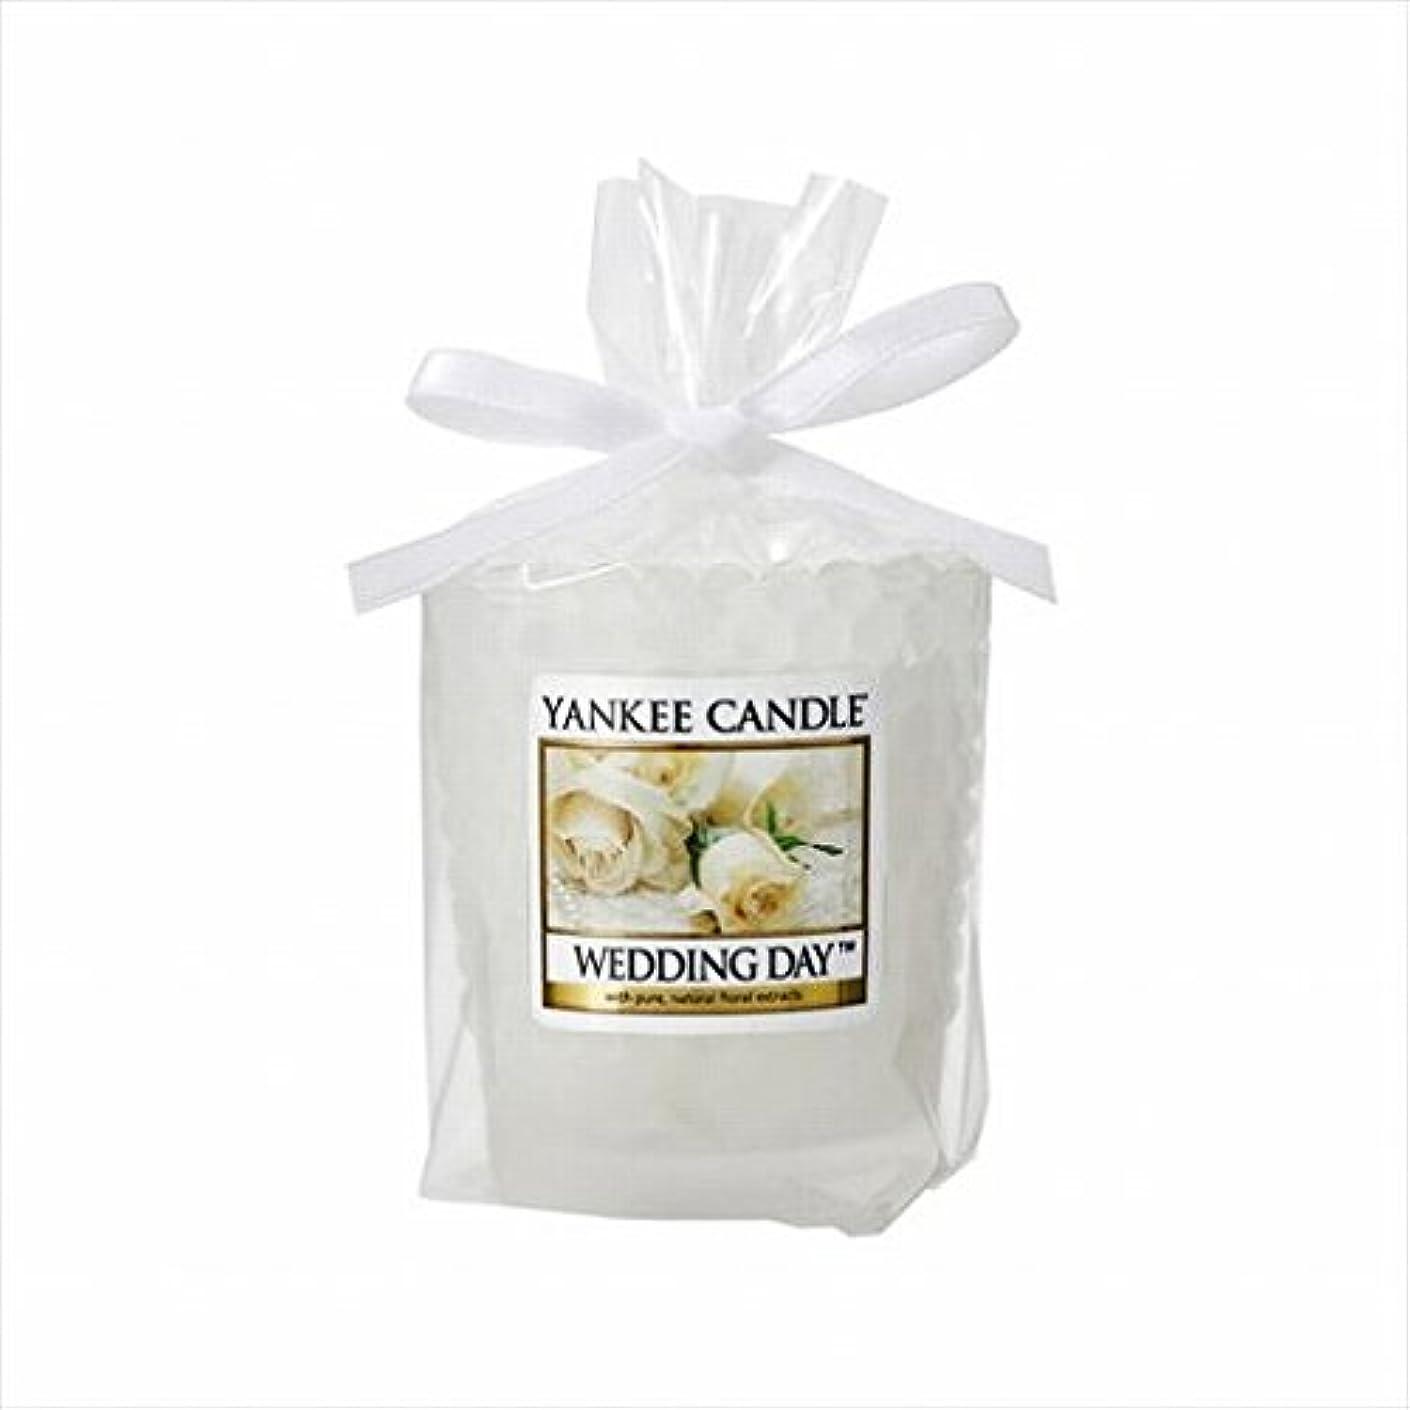 真実積極的に単位カメヤマキャンドル(kameyama candle) YANKEE CANDLE サンプラーギフト 「 ウェディングデイ 」 6個セット